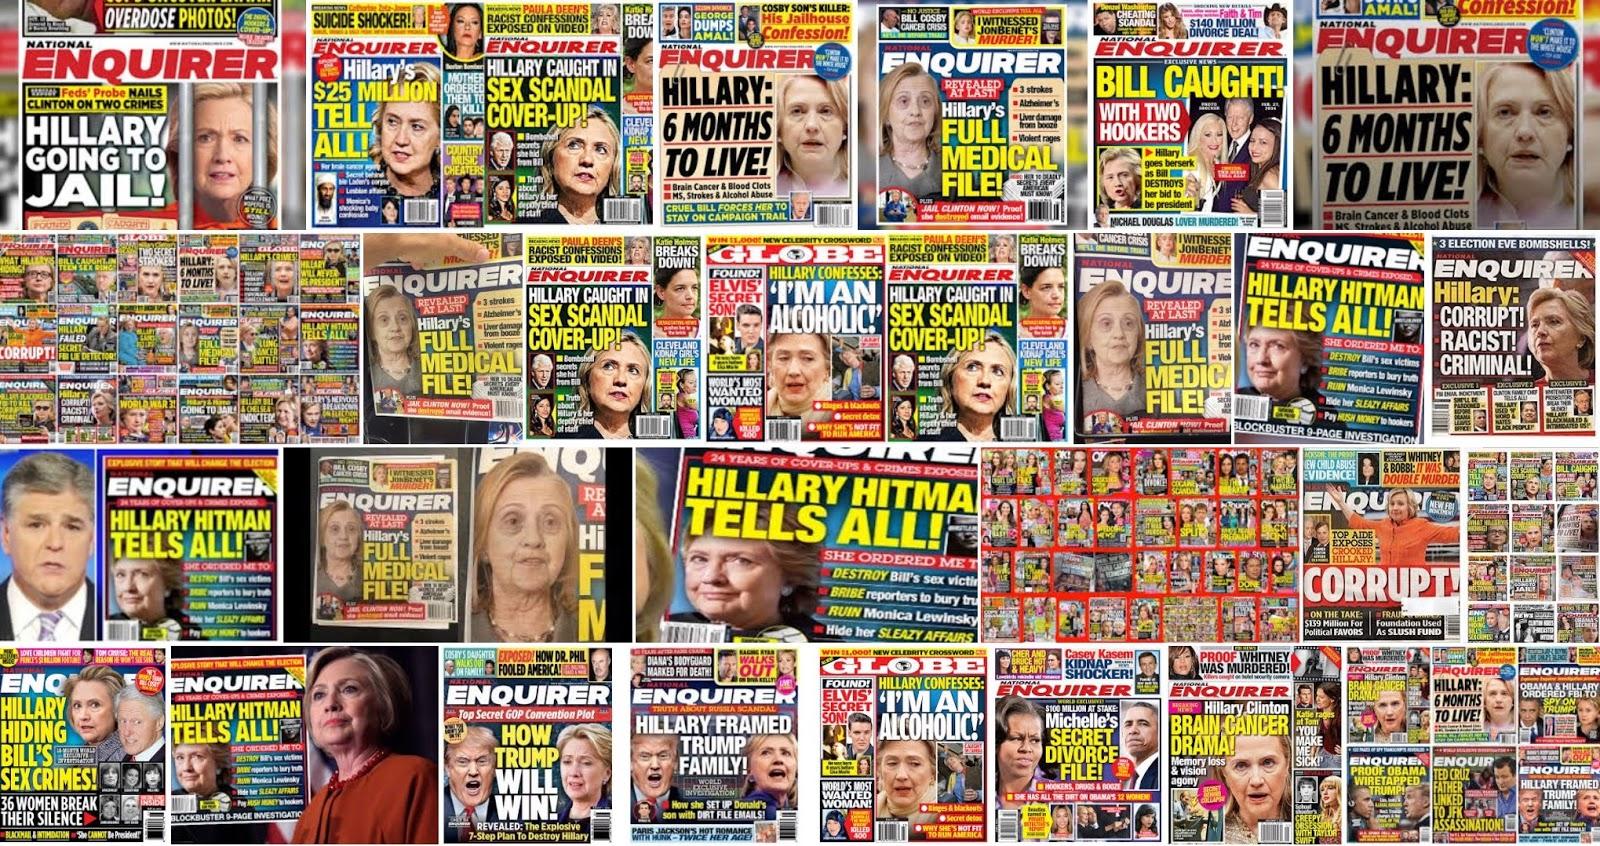 Pro-Trump Political Activism Enquirer Covers